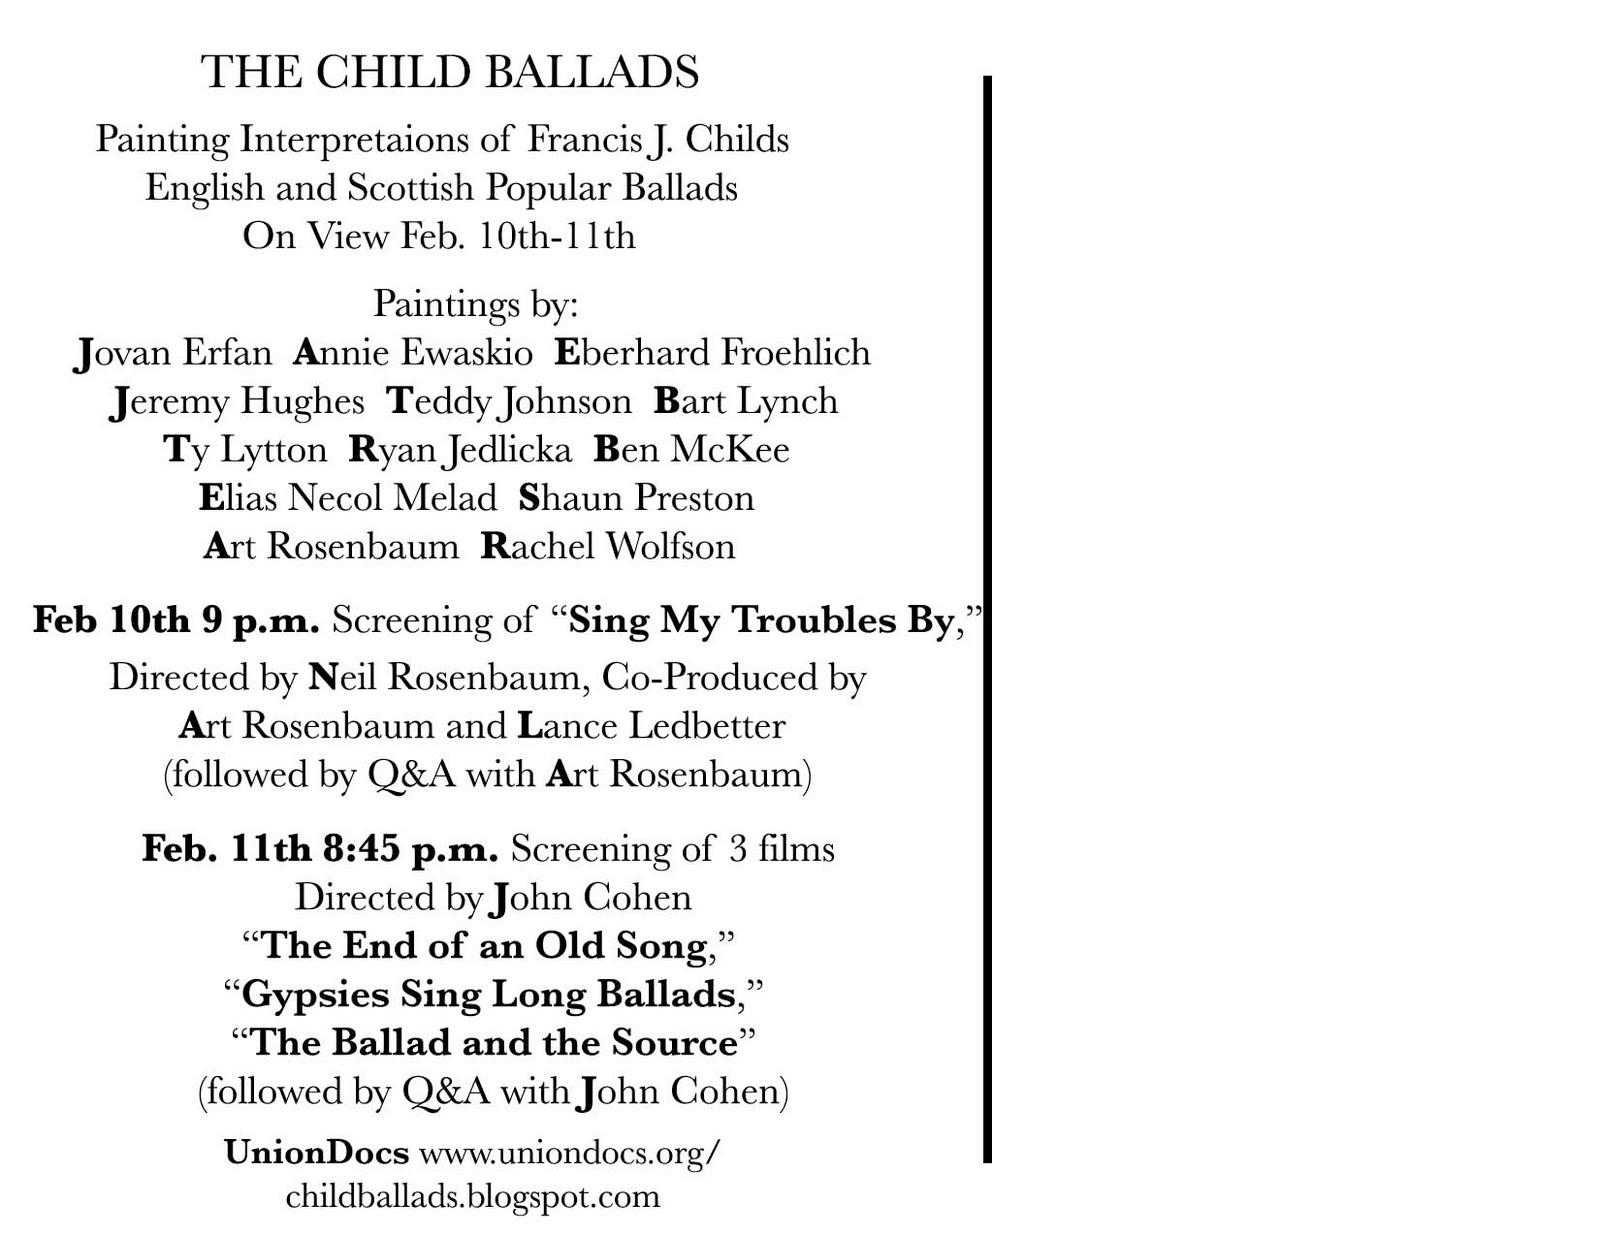 the child ballads show